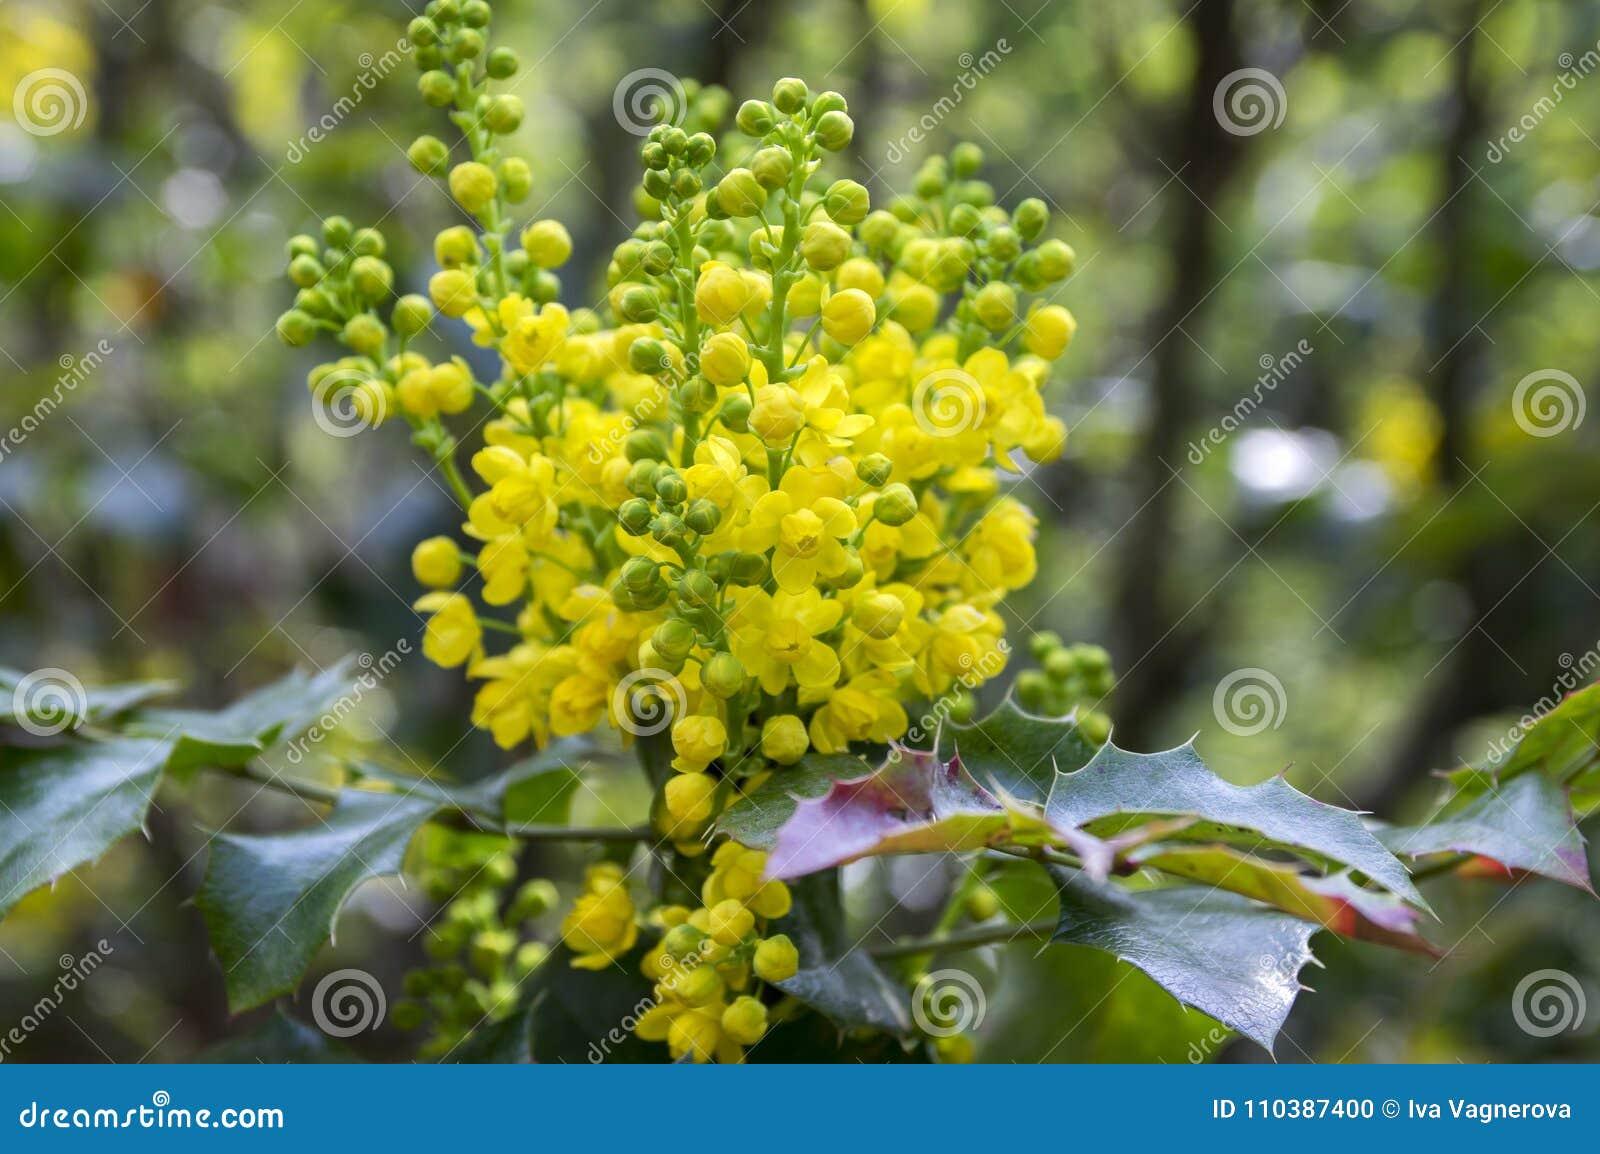 Mahonia Aquifolium Shrub With Yellow Flower Stock Photo Image Of